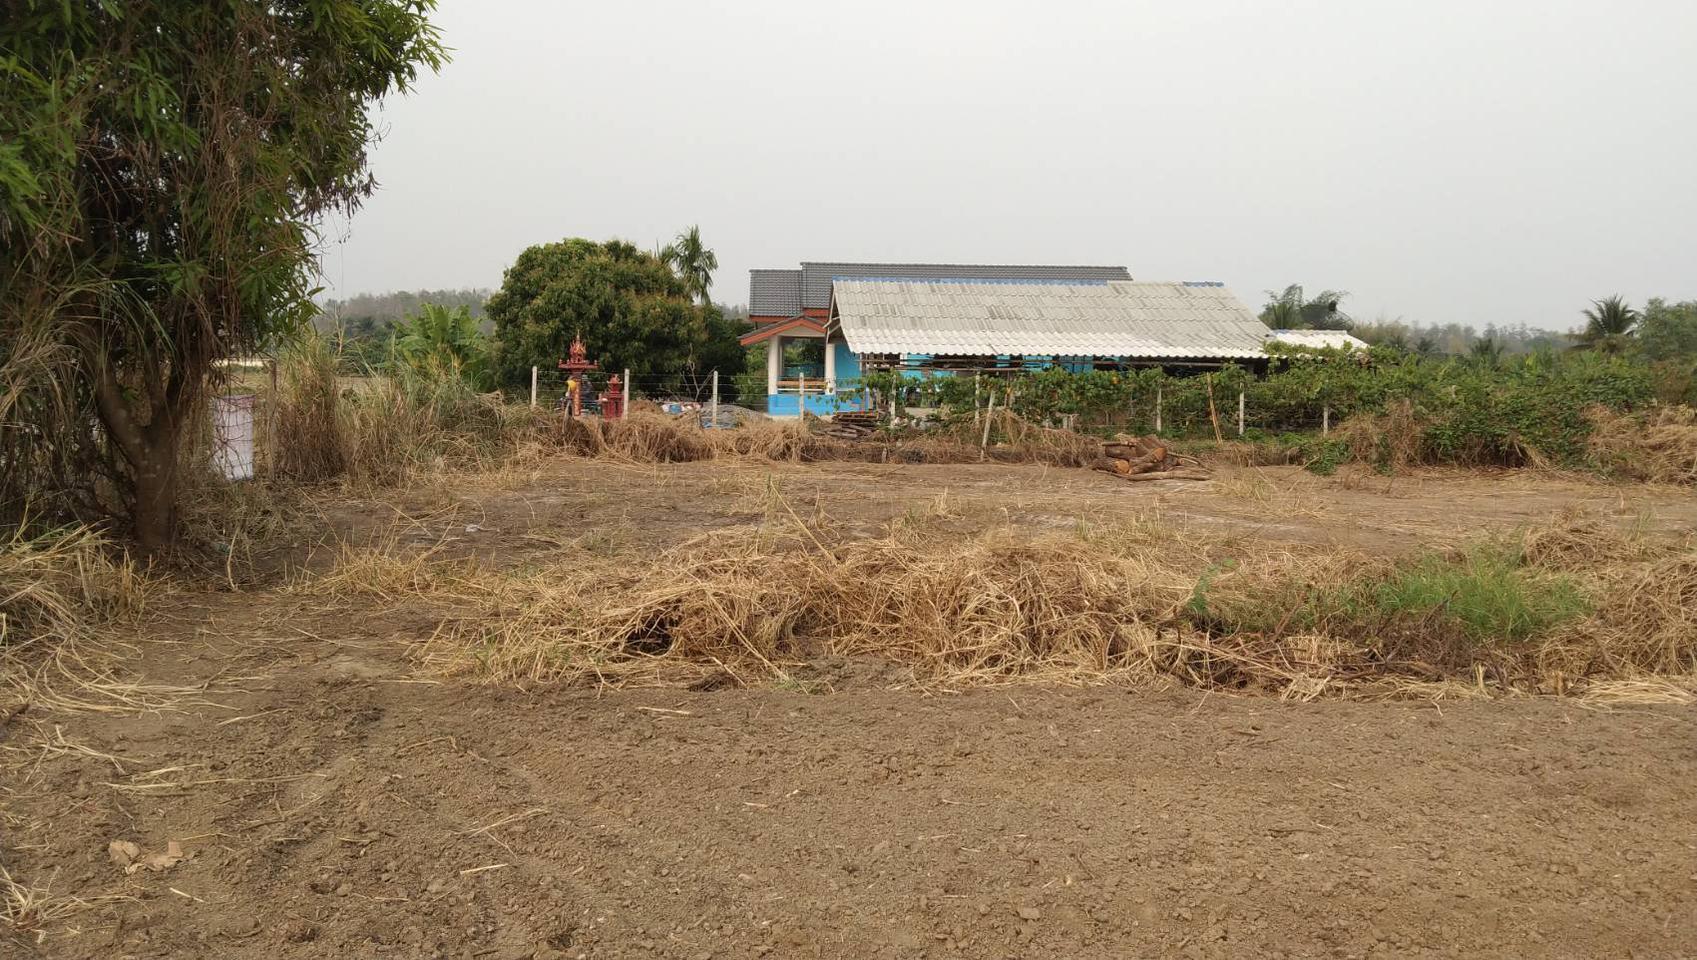 ขายที่ดิน สำหรับที่อยู่อาศัย และทำการเกษตร รูปที่ 2